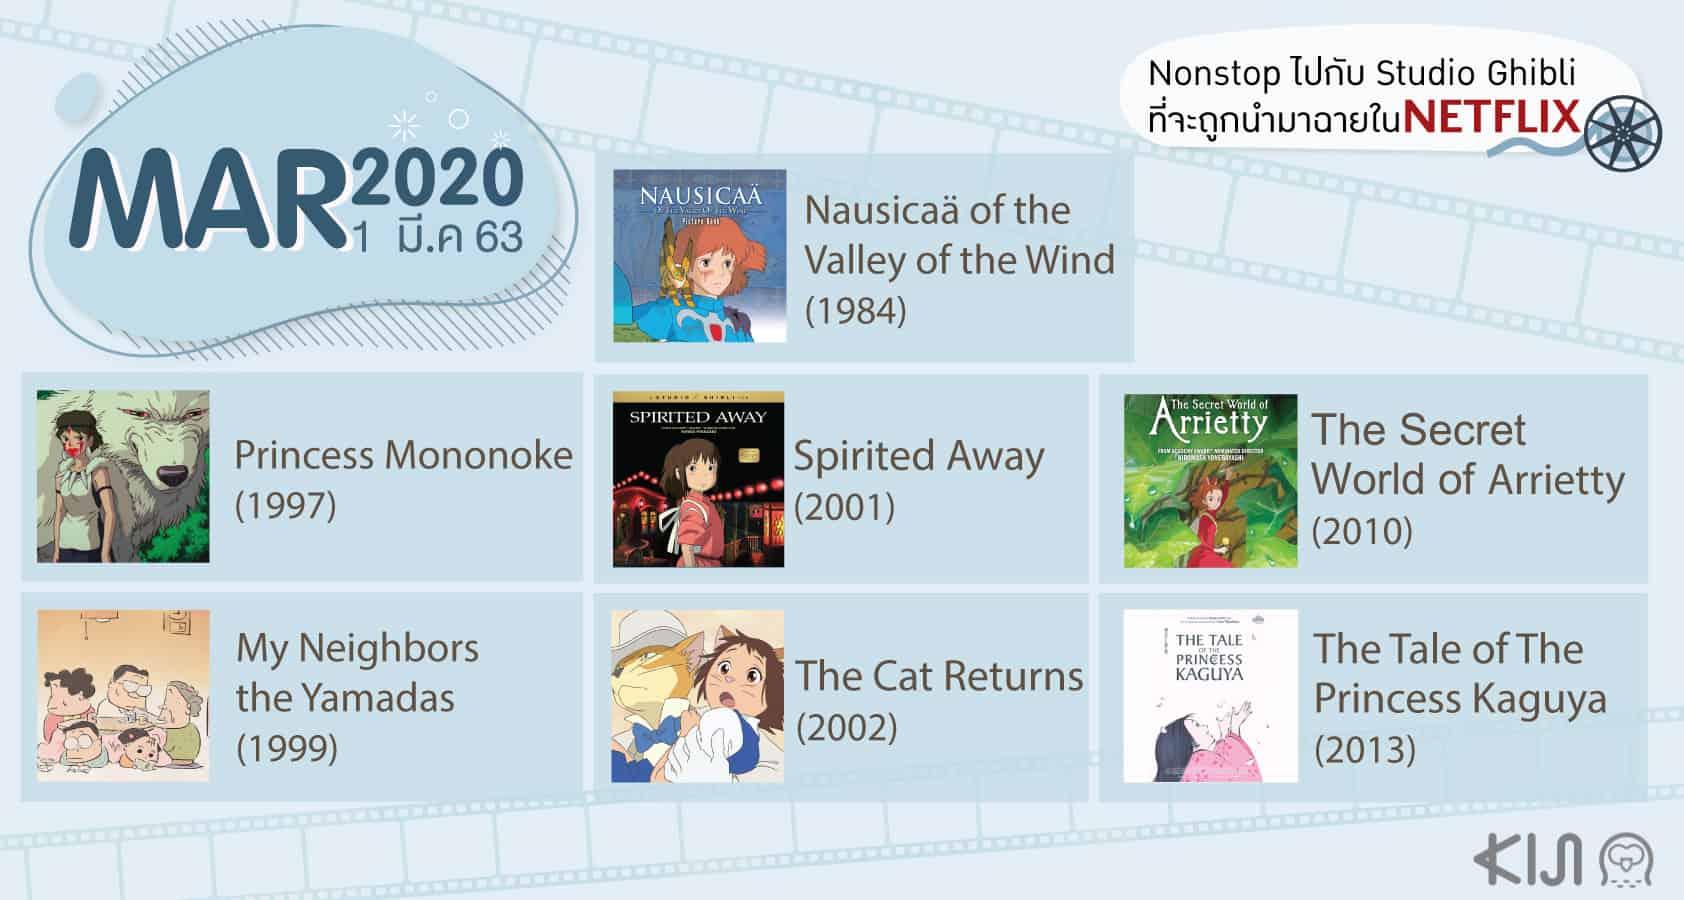 การ์ตูน Studio Ghibli ใน Netflix มีนาคม 2020